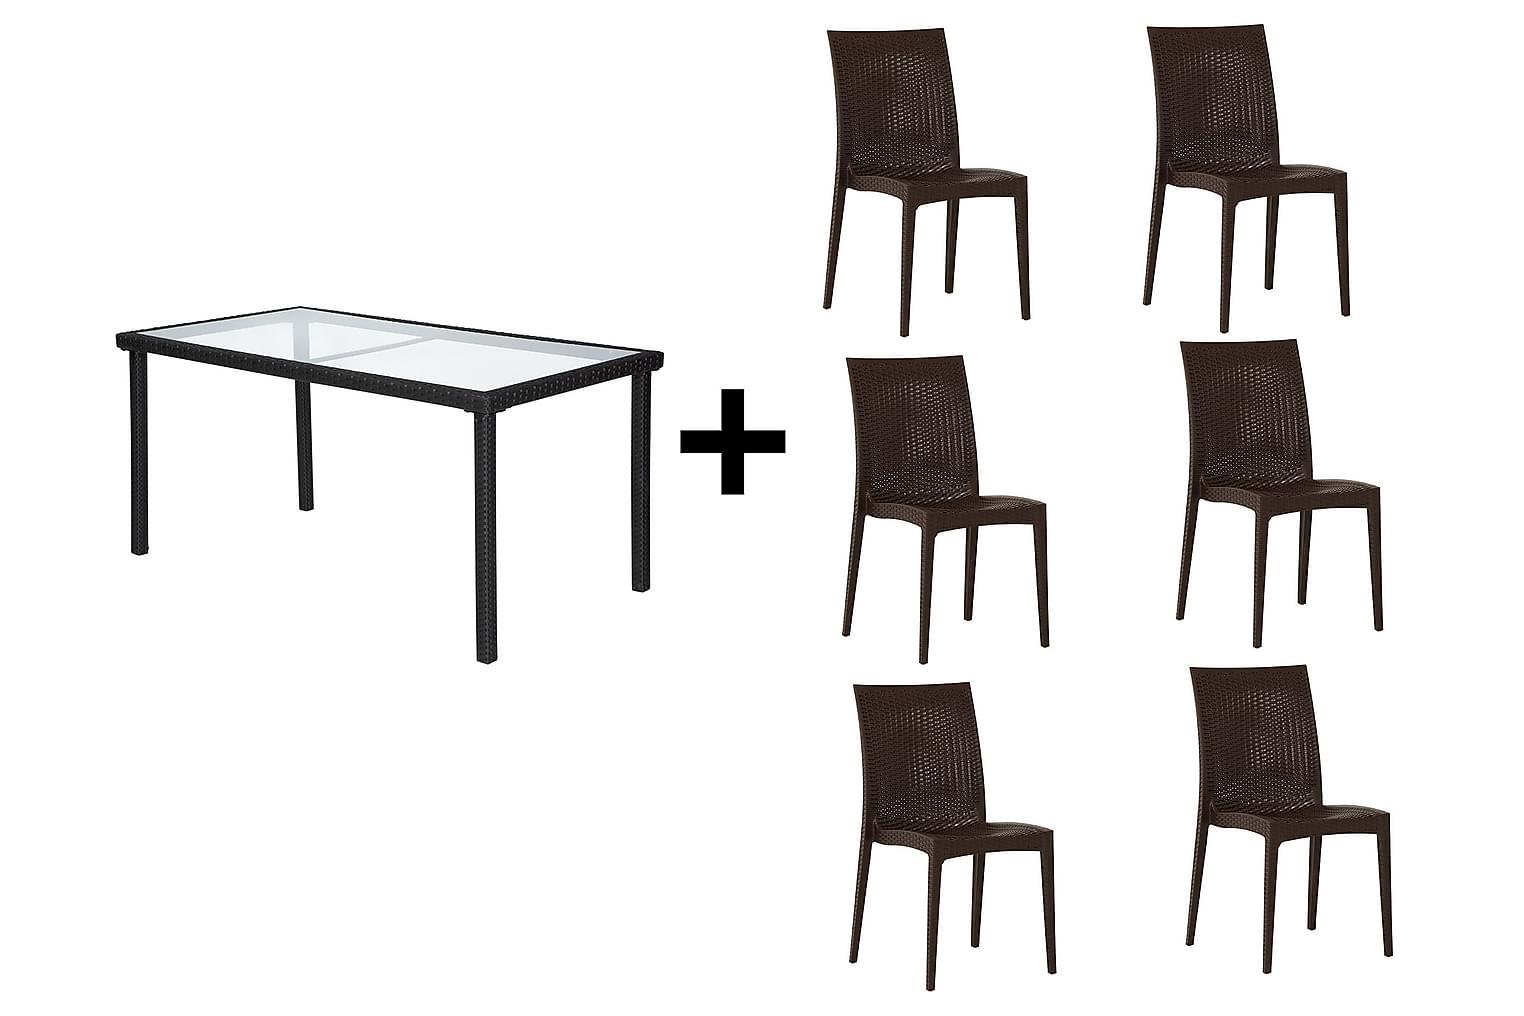 JULITA Pöytä 150 Musta + 6 LEORA Tuolia Ruskea